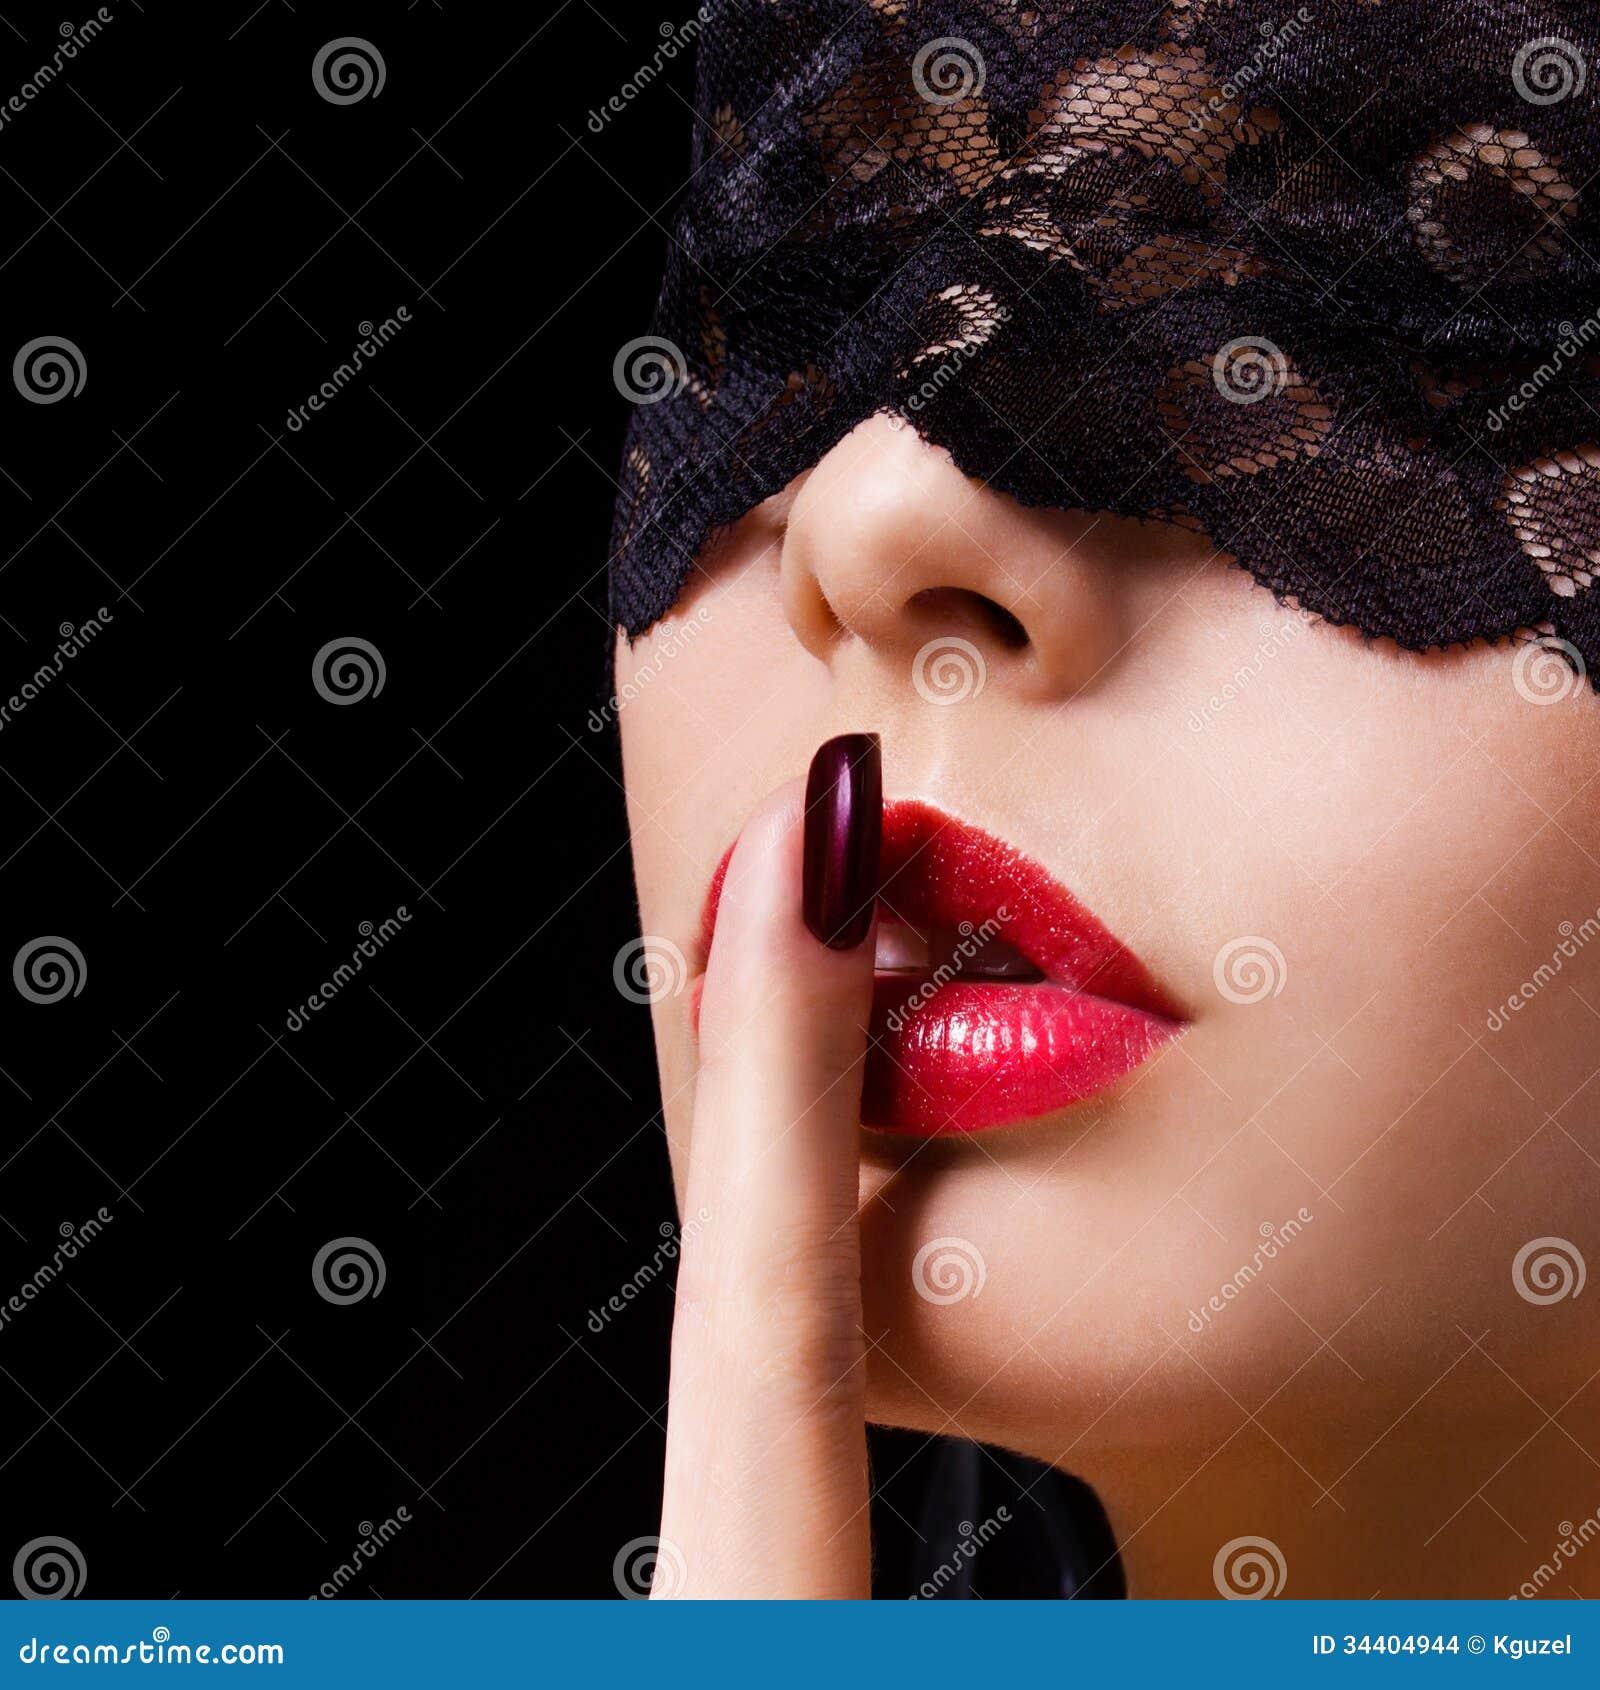 Silenzio. La donna sexy con il dito sulla sua mostra rossa delle labbra zittisce. Ragazza erotica con la maschera del pizzo sopra